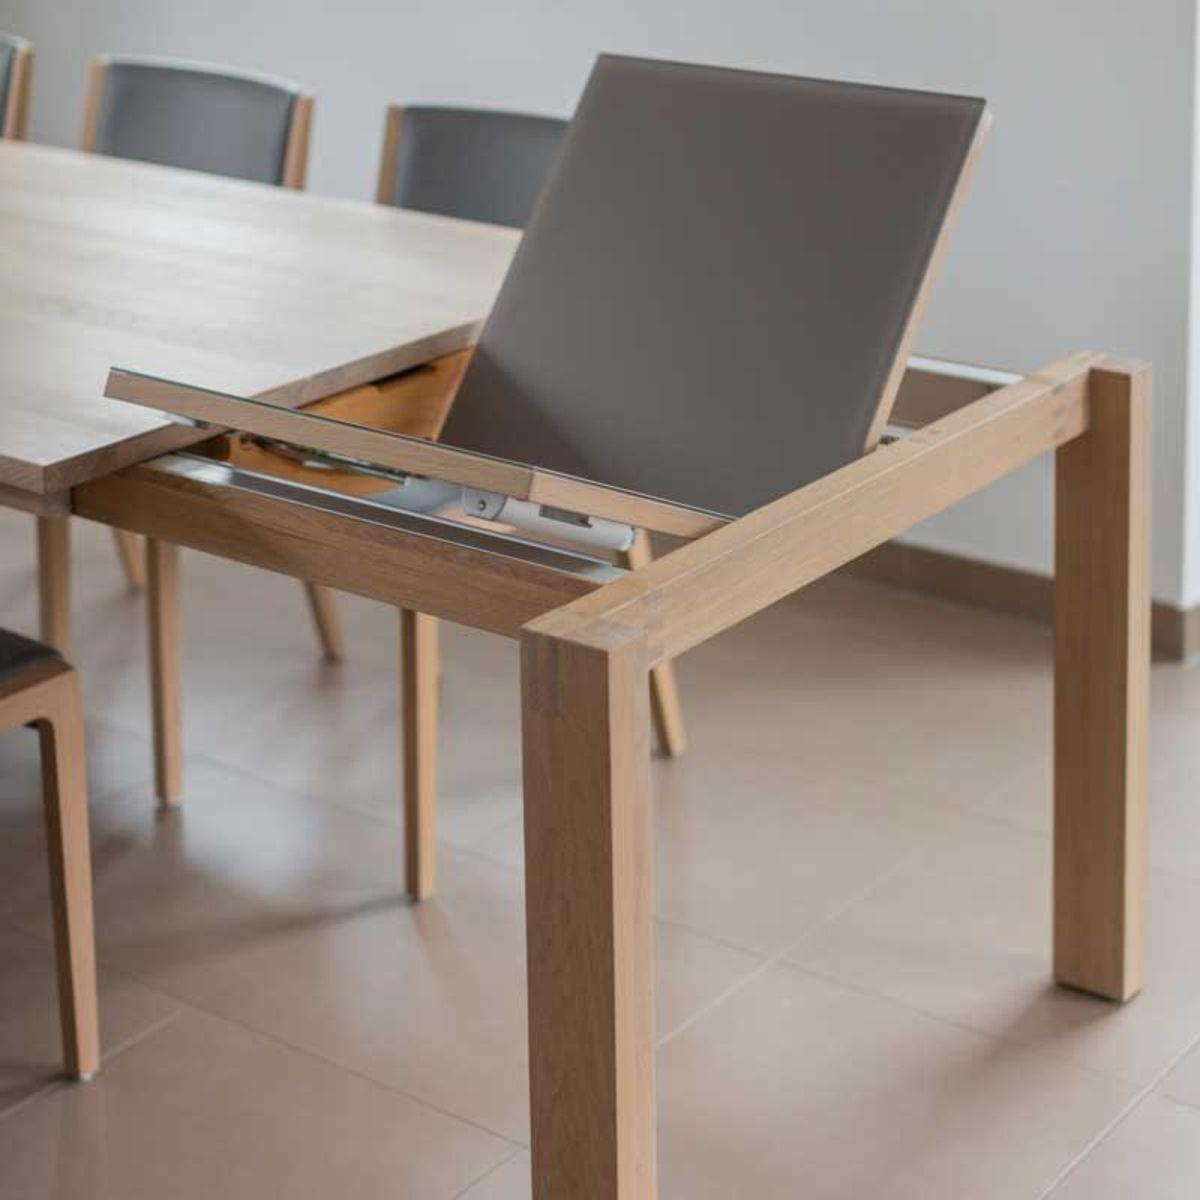 magnum Tisch mit Auszugsplatte von TEAM 7 St. Johann